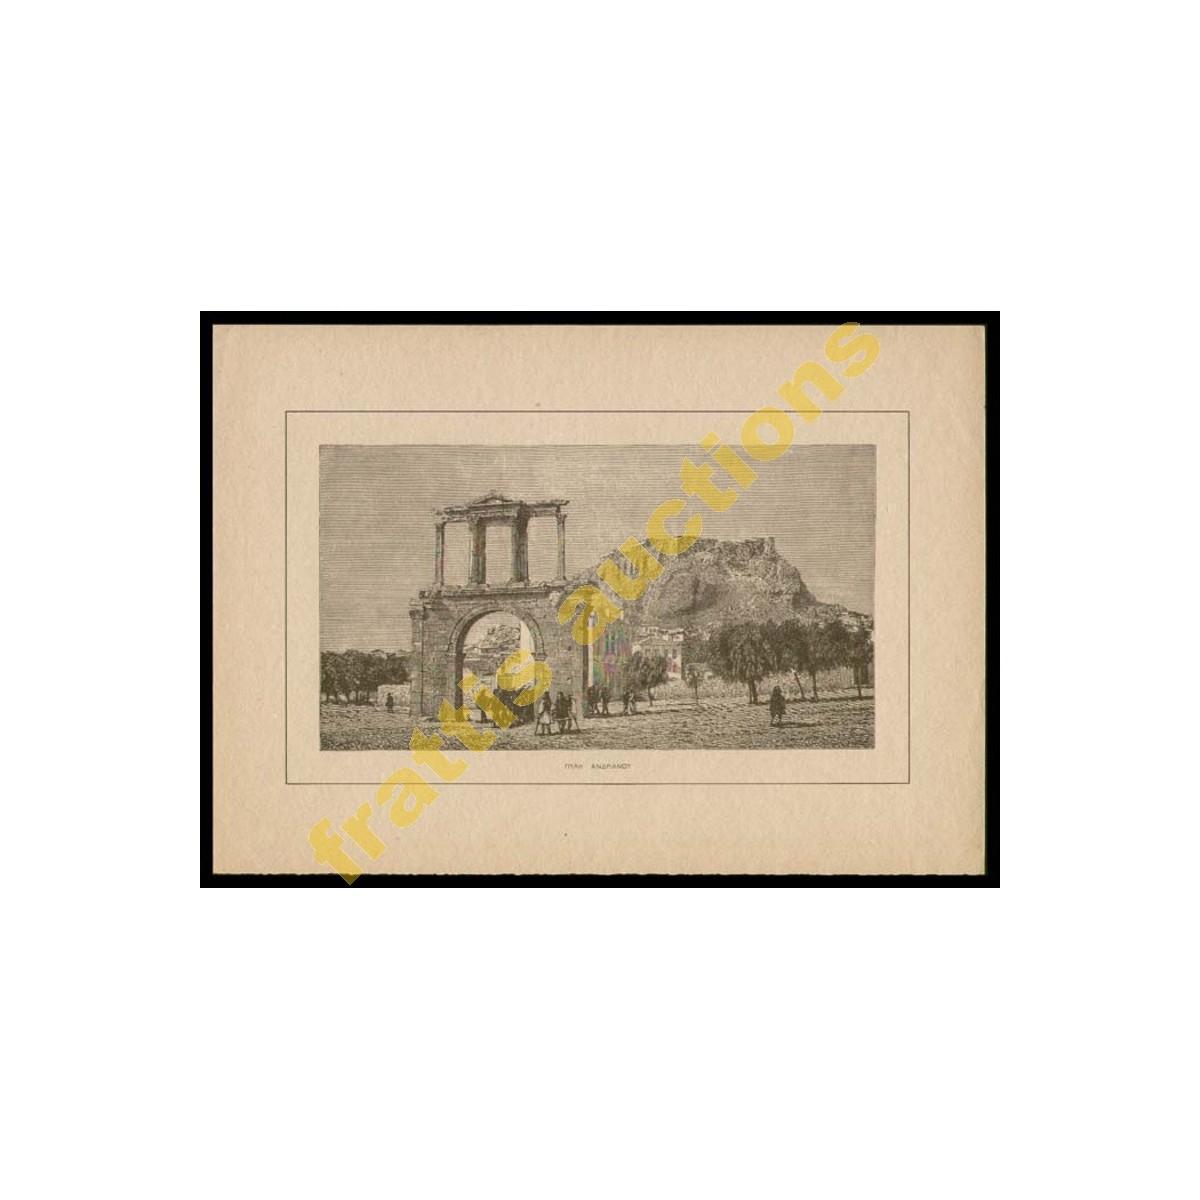 Eκτύπωση Χαρακτικού, Πύλη Ανδριανού.